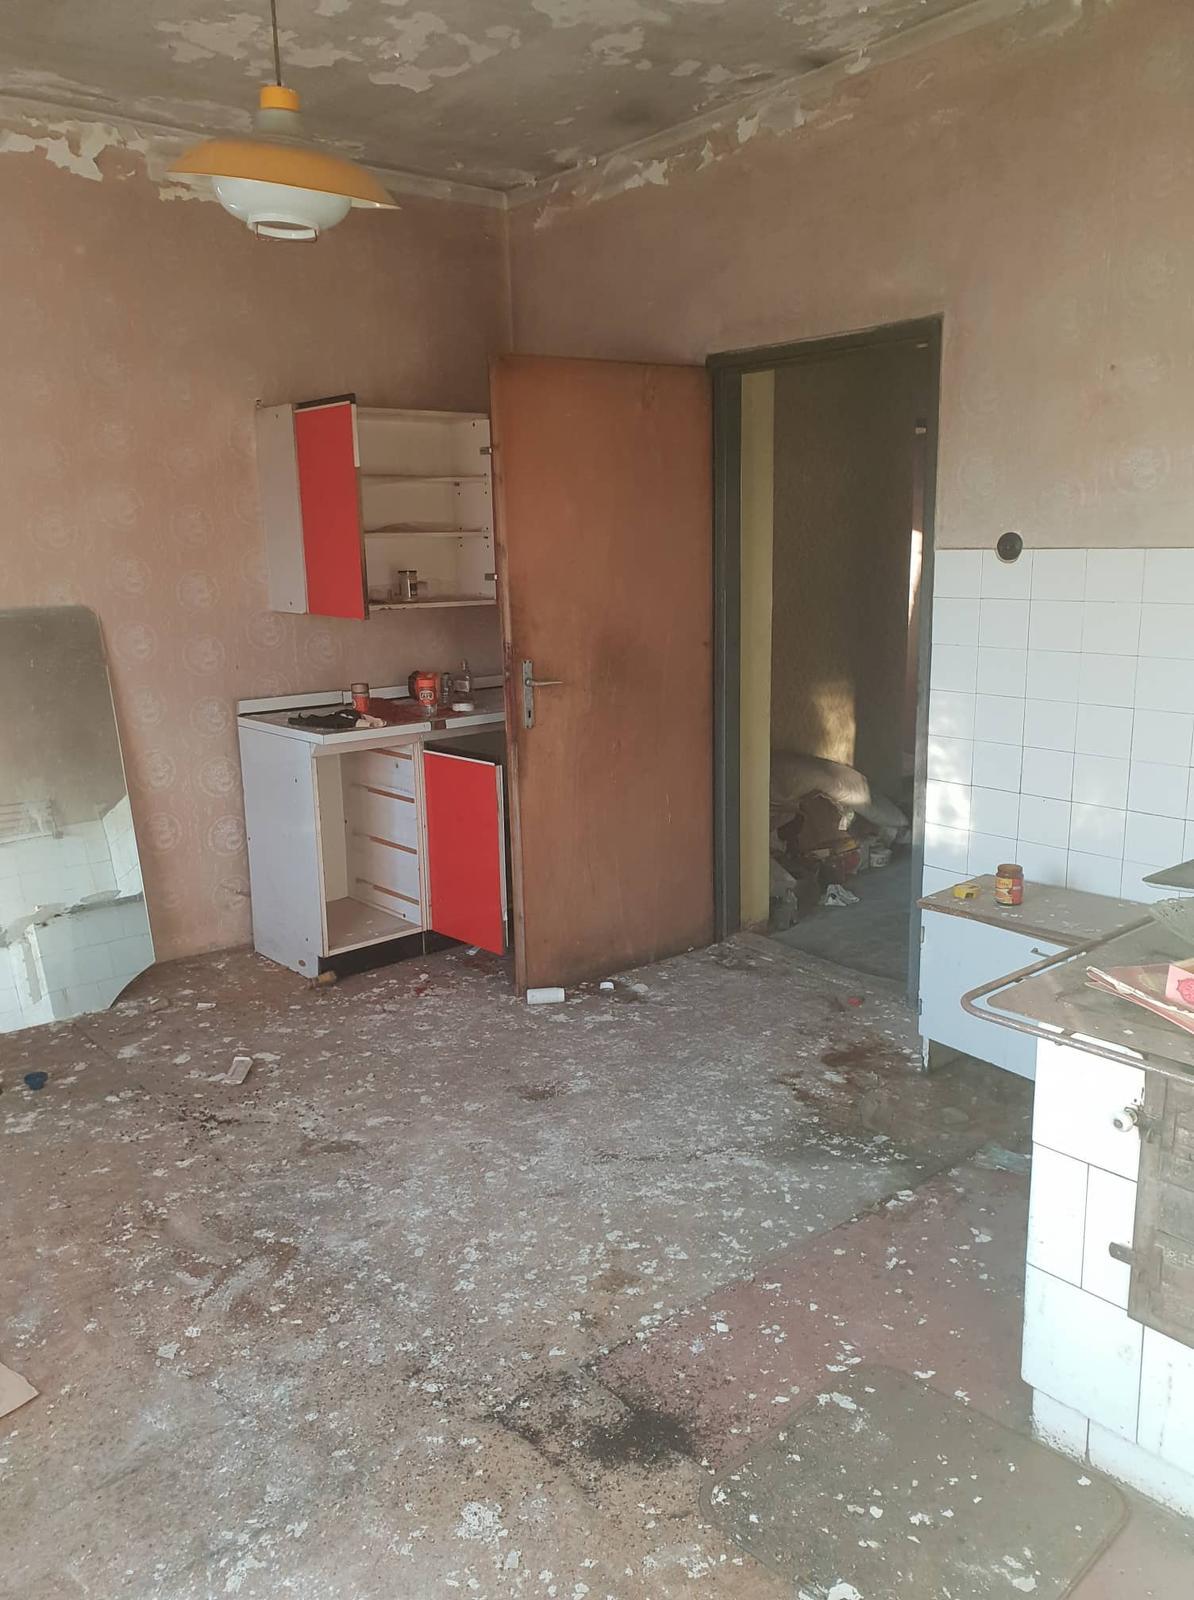 Rekonštrukcia domu-alebo chceme si splniť sen =》🏠🌻🌼🐶  mat domcek a vratit sa na Slovensko - pohlad z komory a dvere do chodby